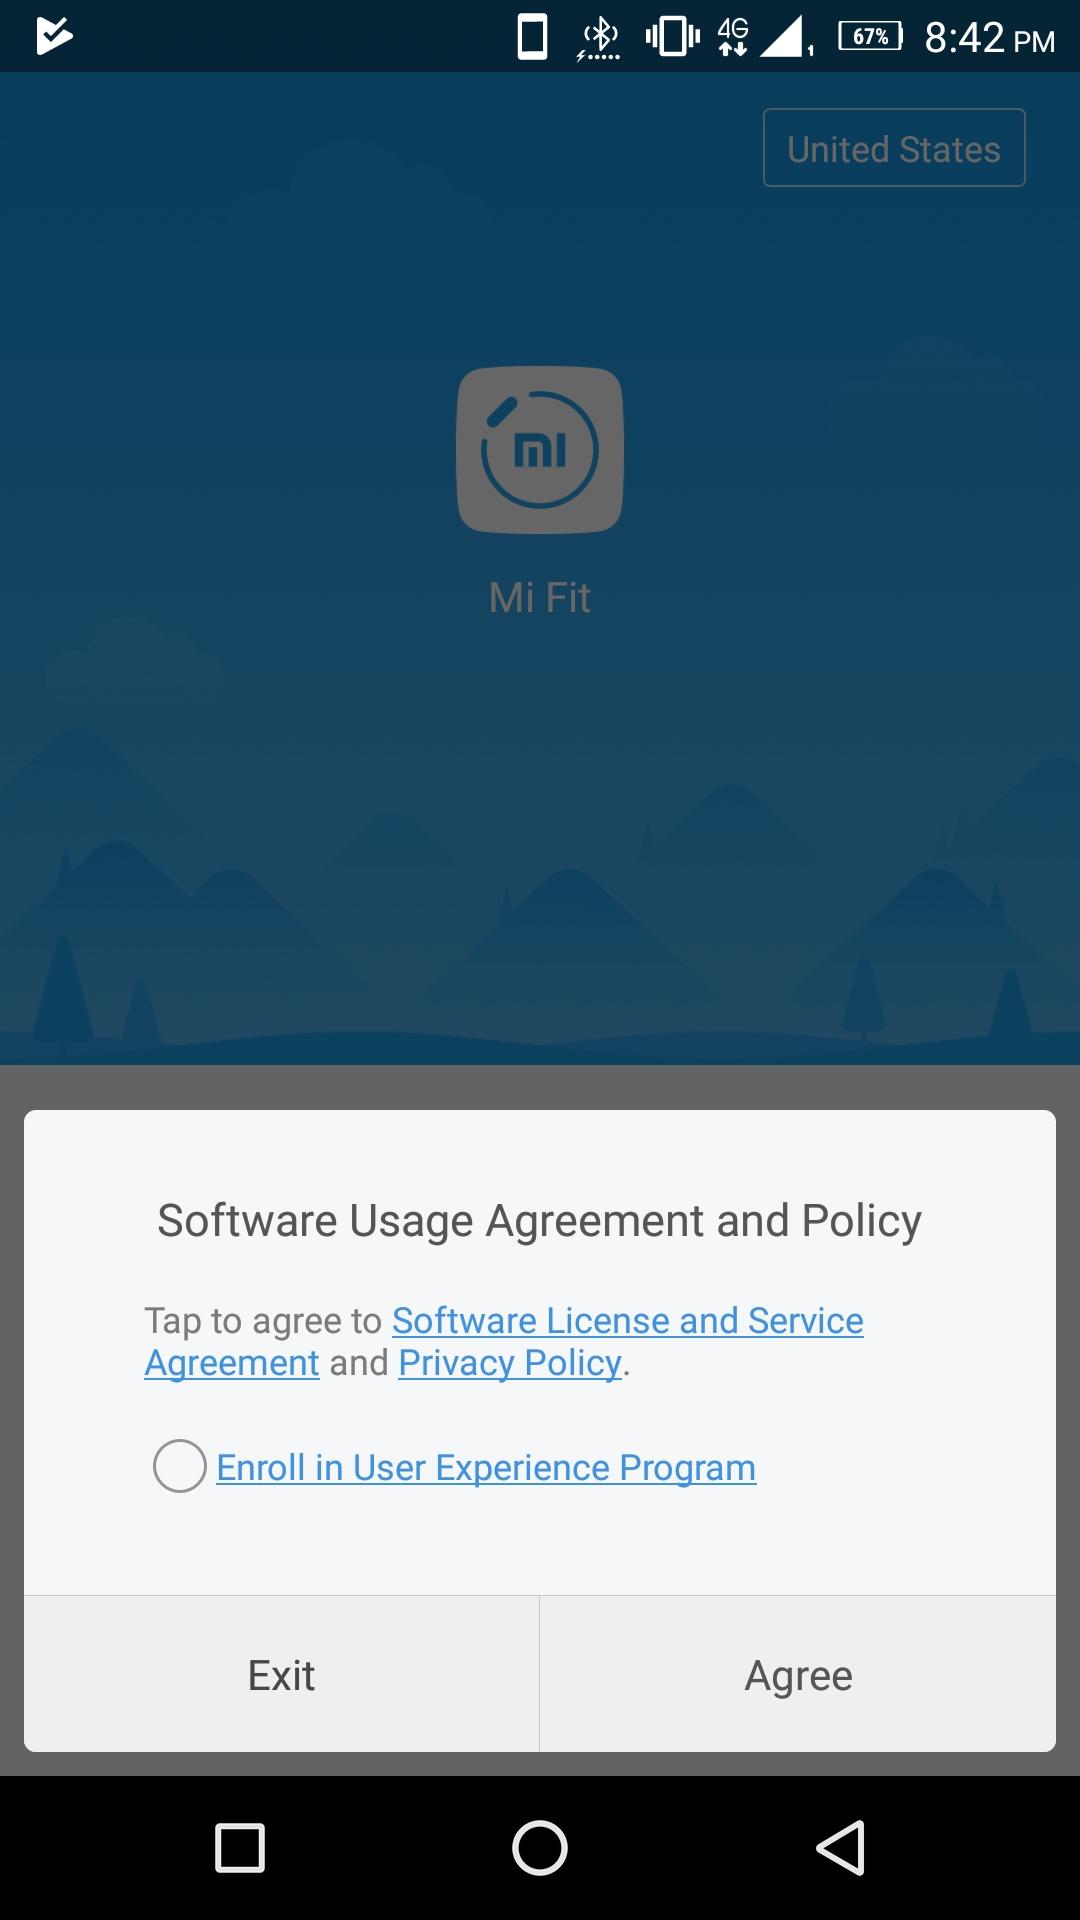 https://techrvw.com/wp-content/uploads/2018/02/Screenshot_20180206-204301.jpeg